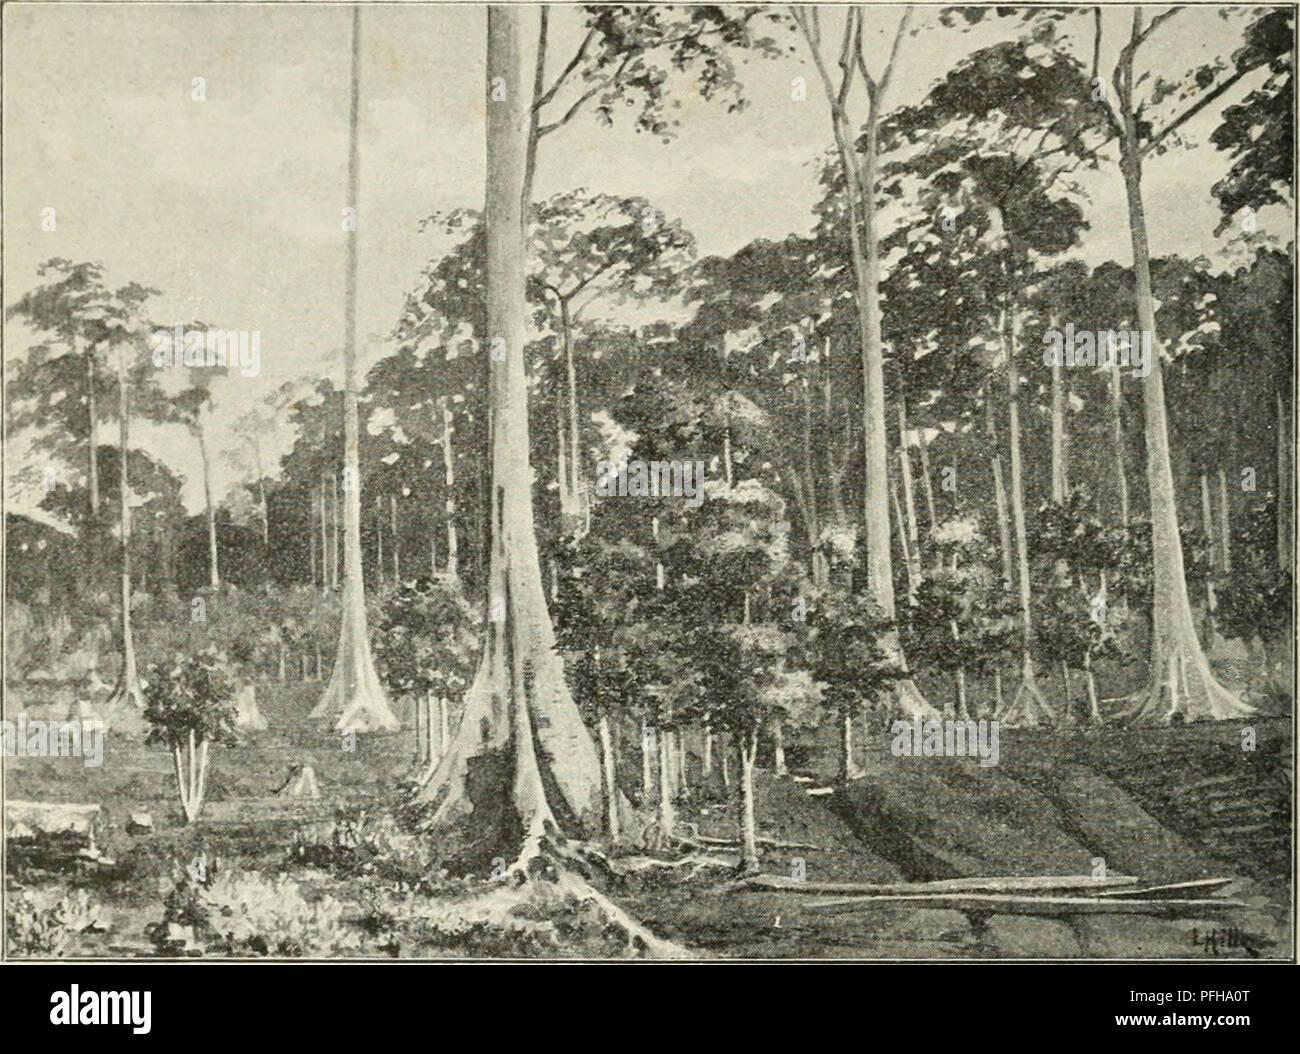 . Dans la grande forêt de l'Afrique centrale. Mon voyage au Congo et à la Mongala en 1896. Botany. 14 Chapitre Premier variés. Y. pi. 23-26.) Plus en aval du fleuve, on rencontre un village d'indigènes et une mission américaine. Un autre village plus considérable s'étend depuis la facto- rerie de la Société du Haut-Congo jusque dans le voisinage de Coquilhatville. Les habitants de ce village, appelés comme le village même Wangata (ou Wangatta), ont pour la plupart le type nègre grossier avec le nez épaté et les lèvres épaisses; cependant on rencontre aussi, notamment parmi les h - Stock Image